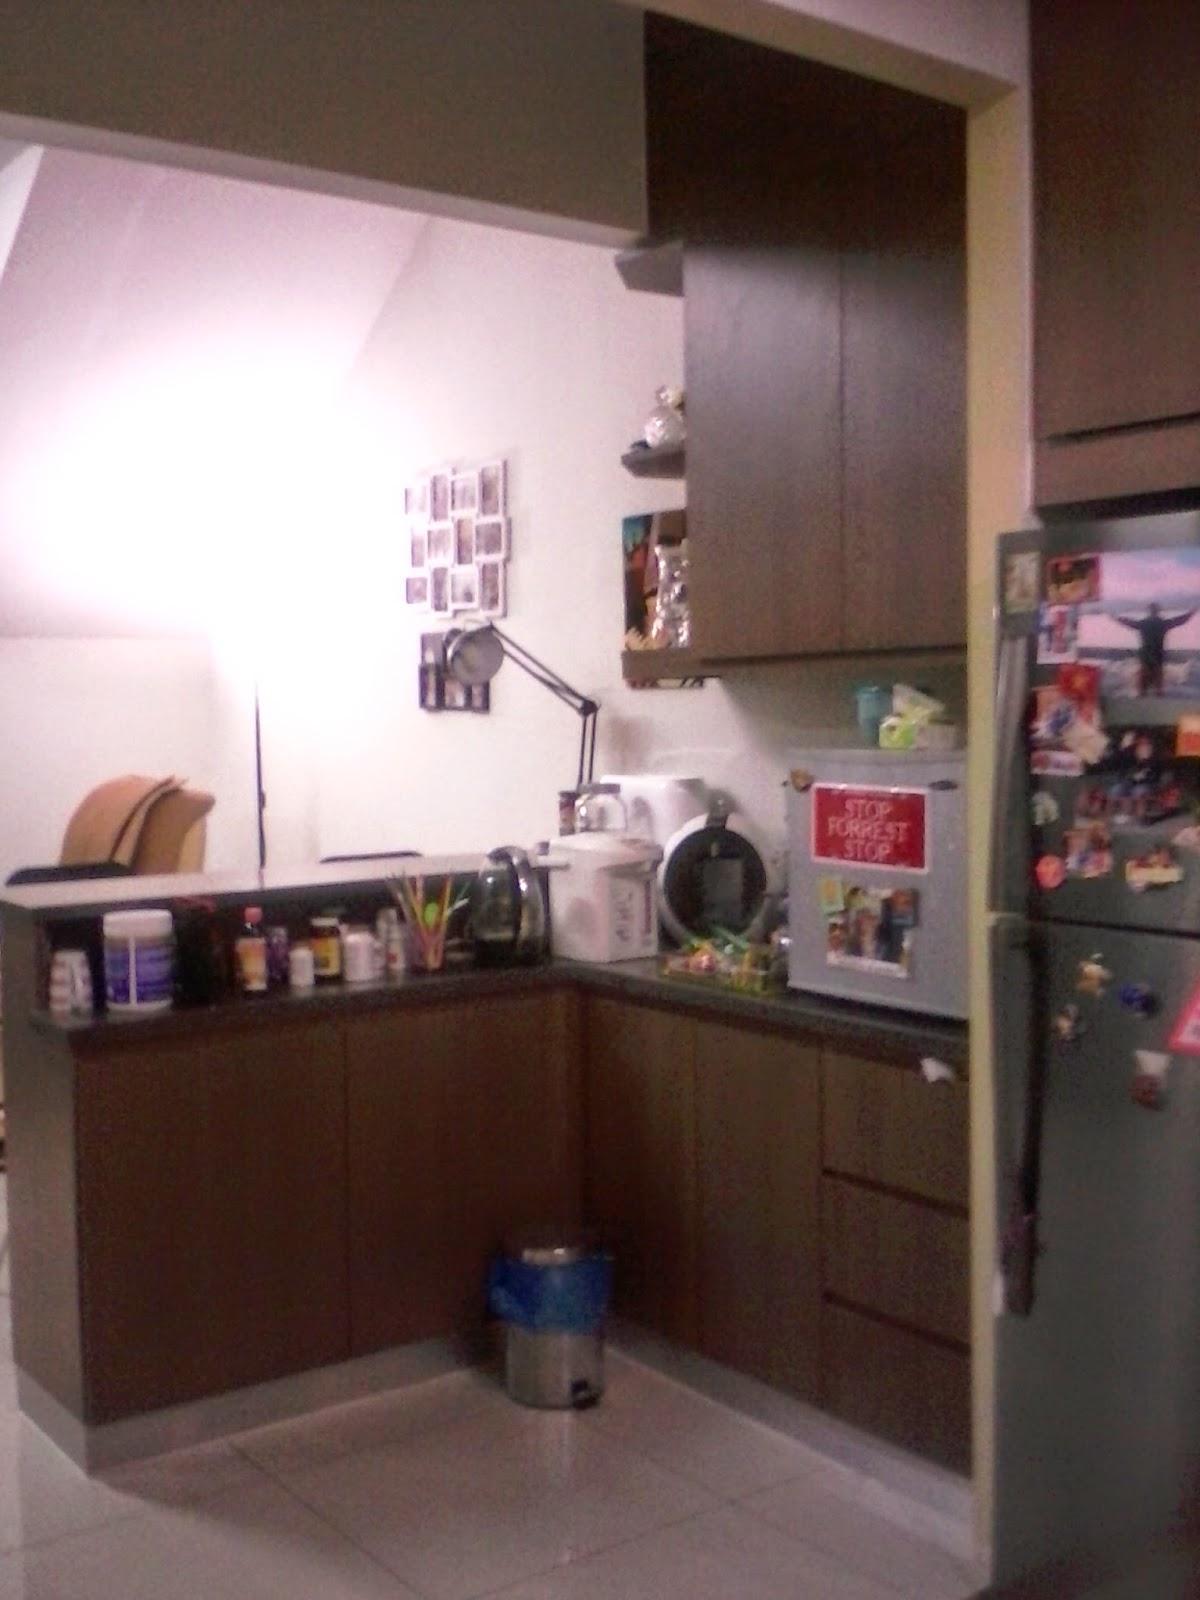 kabinet dapur terus dari kilang kabinet dapur pajam